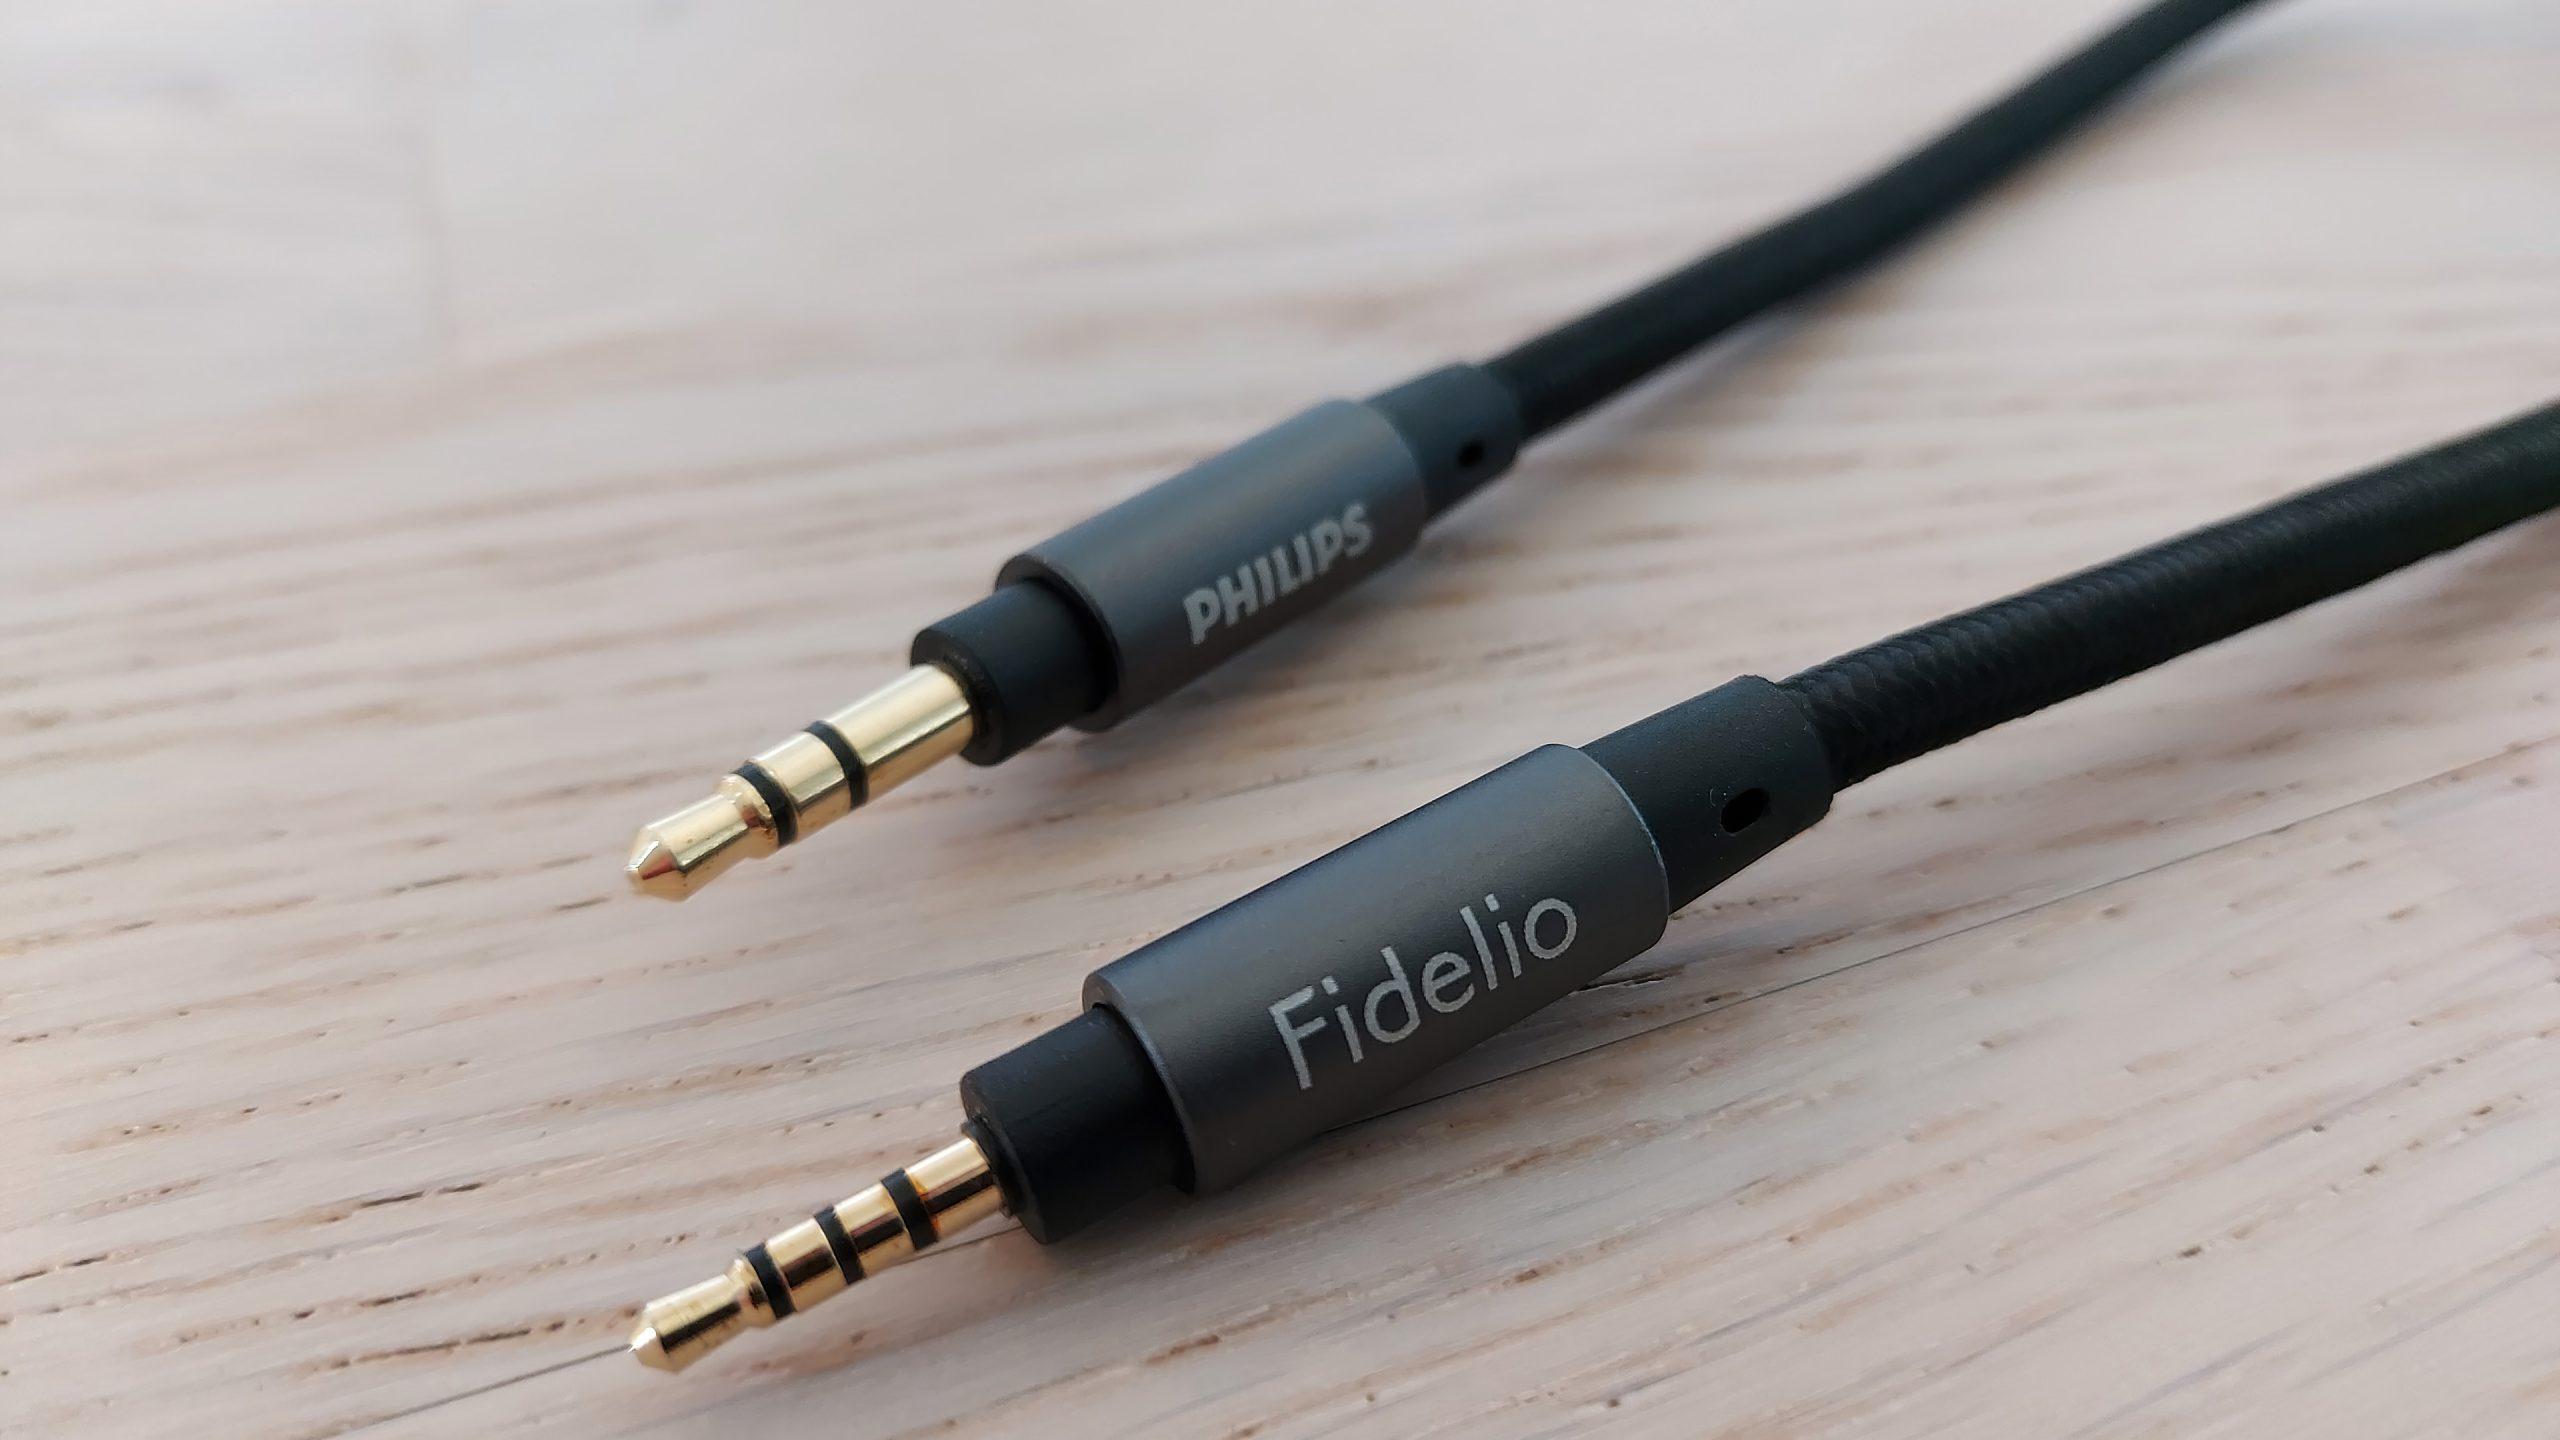 Philips Fidelio X3 cables